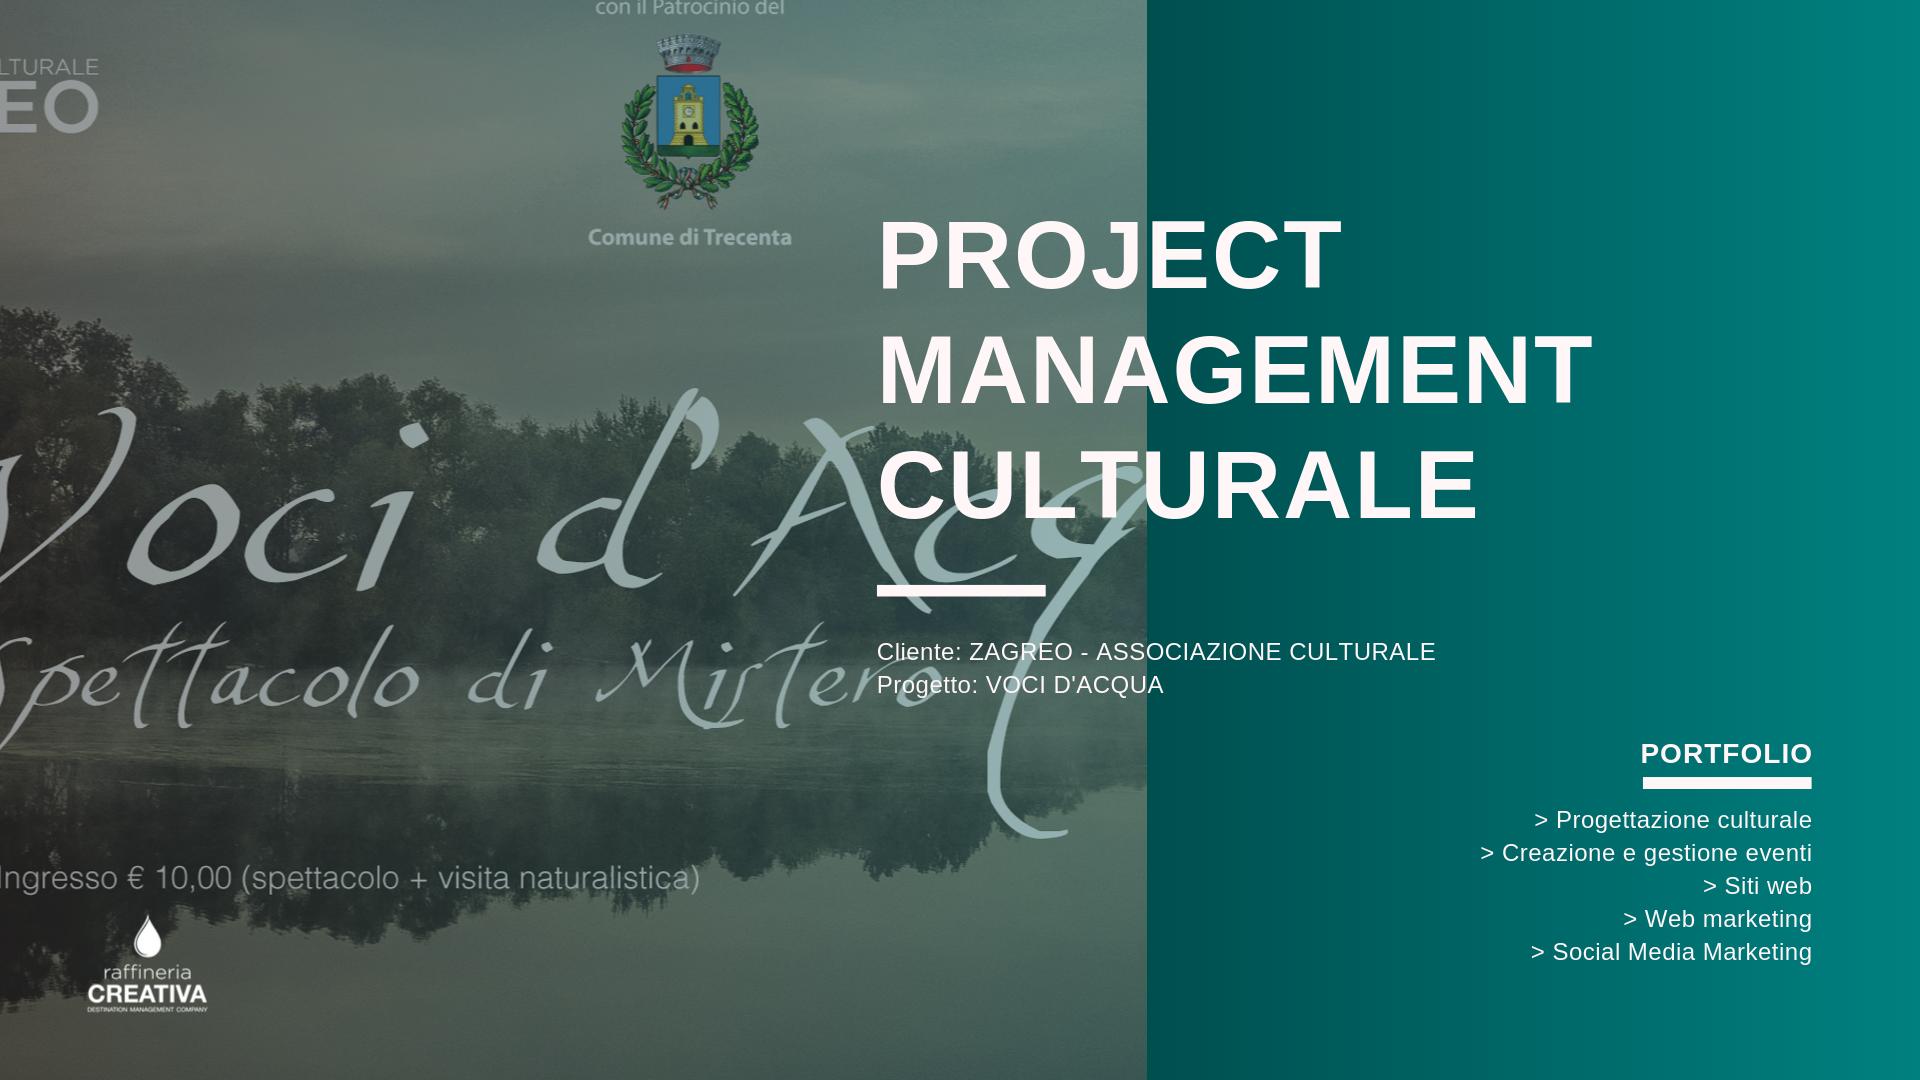 voci d'acqua - project management culturale